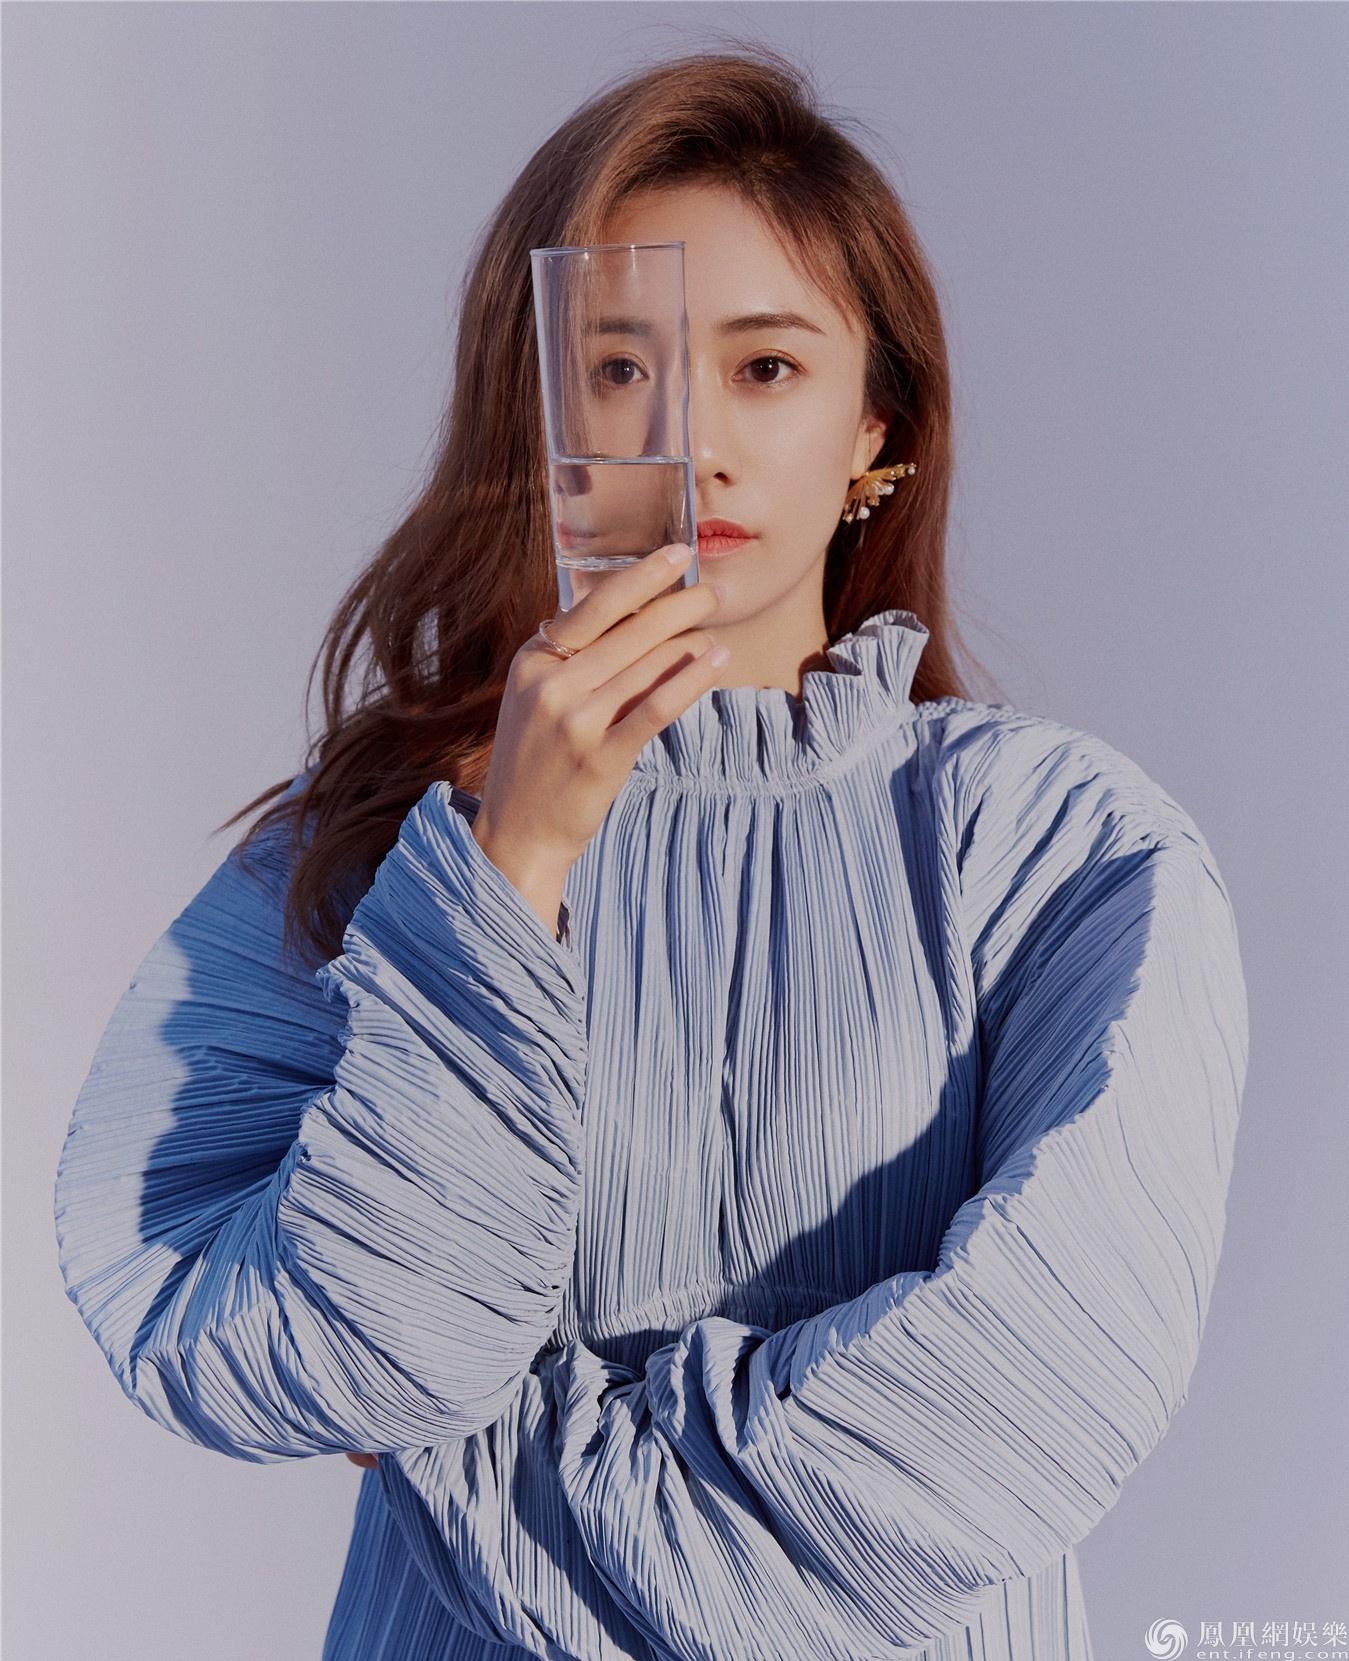 刘芸最新杂志大片曝光 恬静悠然飒爽撩人